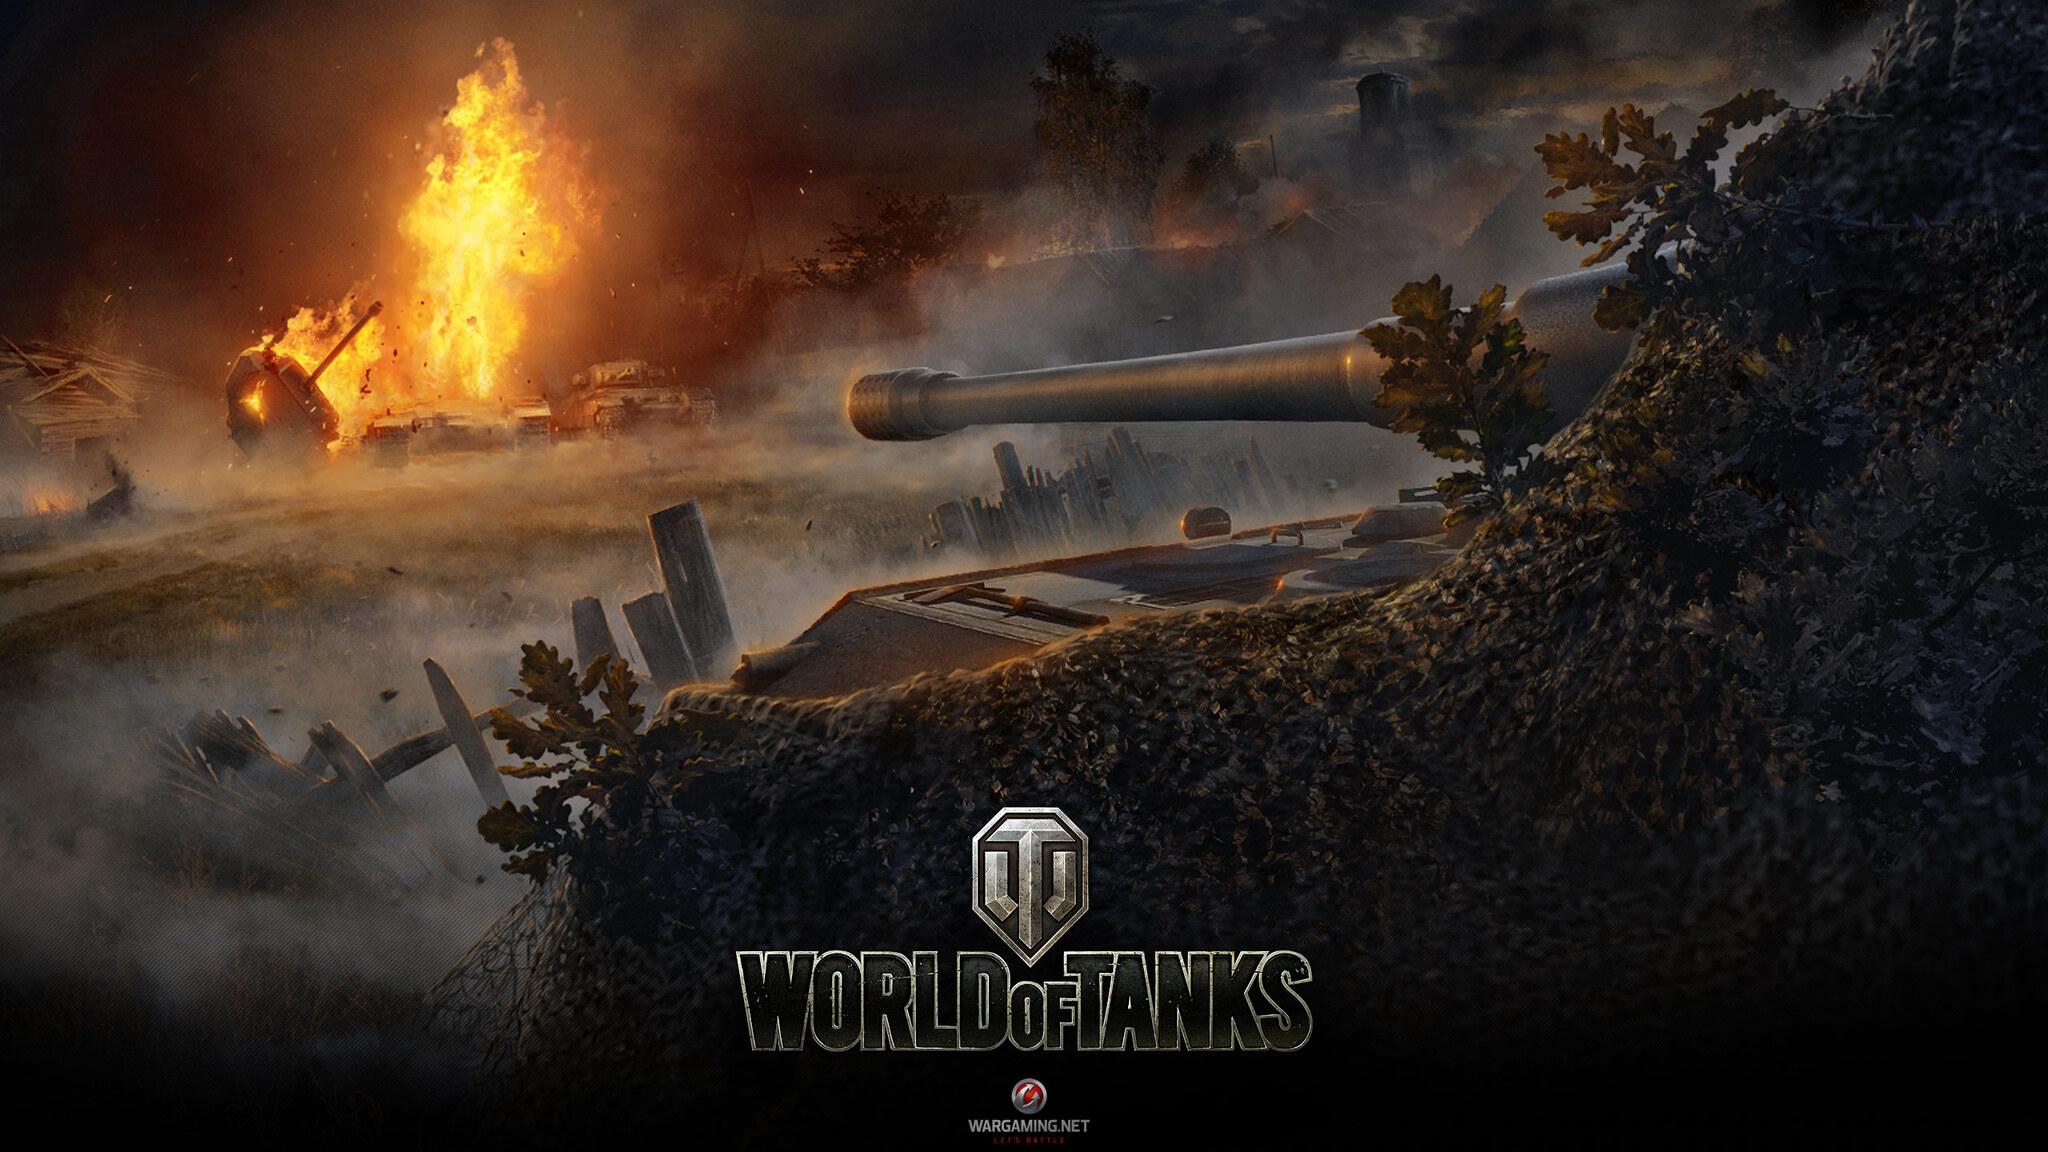 скачать живые обои на рабочий стол танки world of tanks № 20187 загрузить